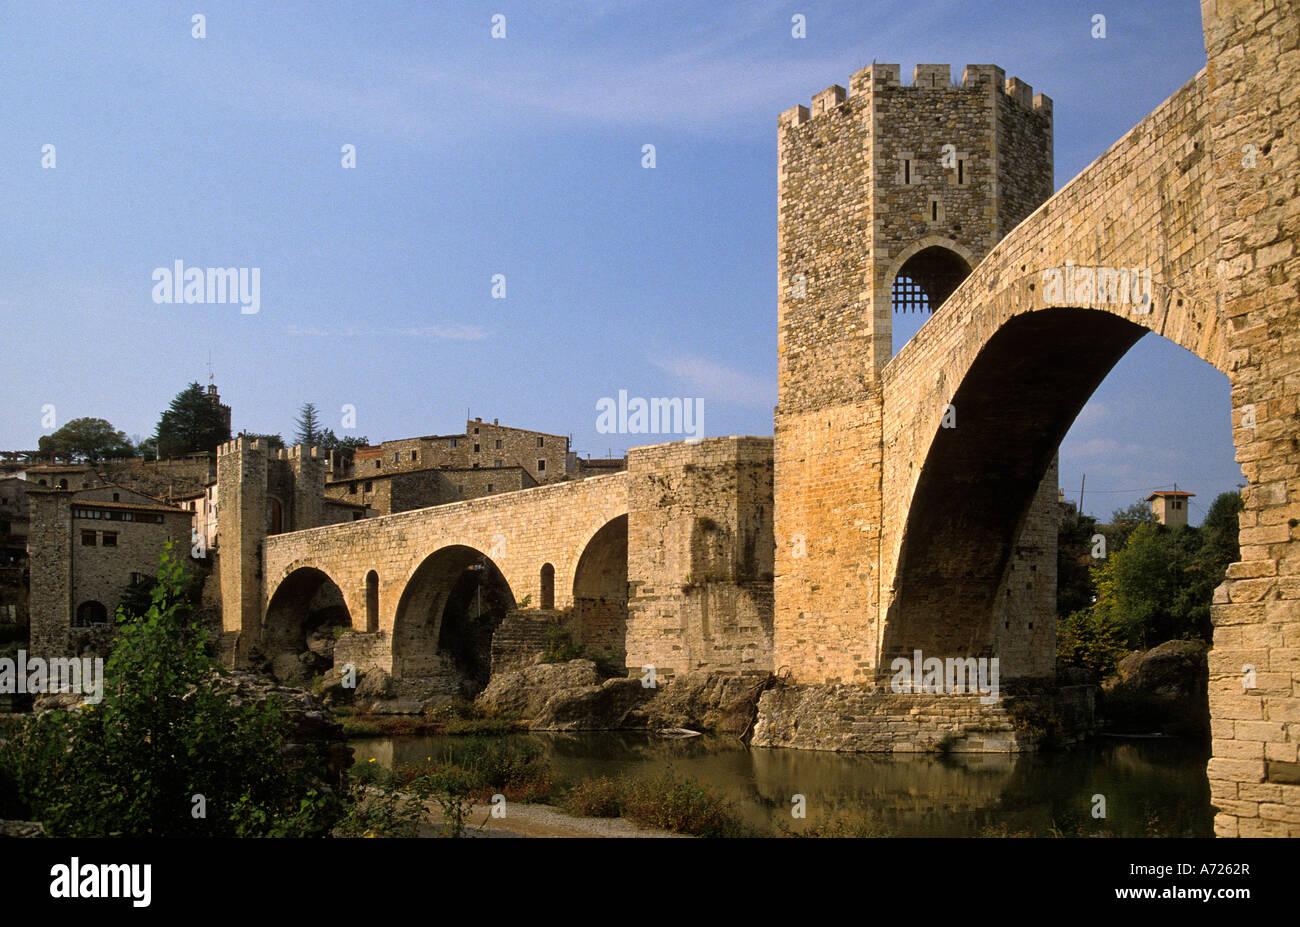 Medieval, puente fortificado en Besalú, Cataluña, España Imagen De Stock